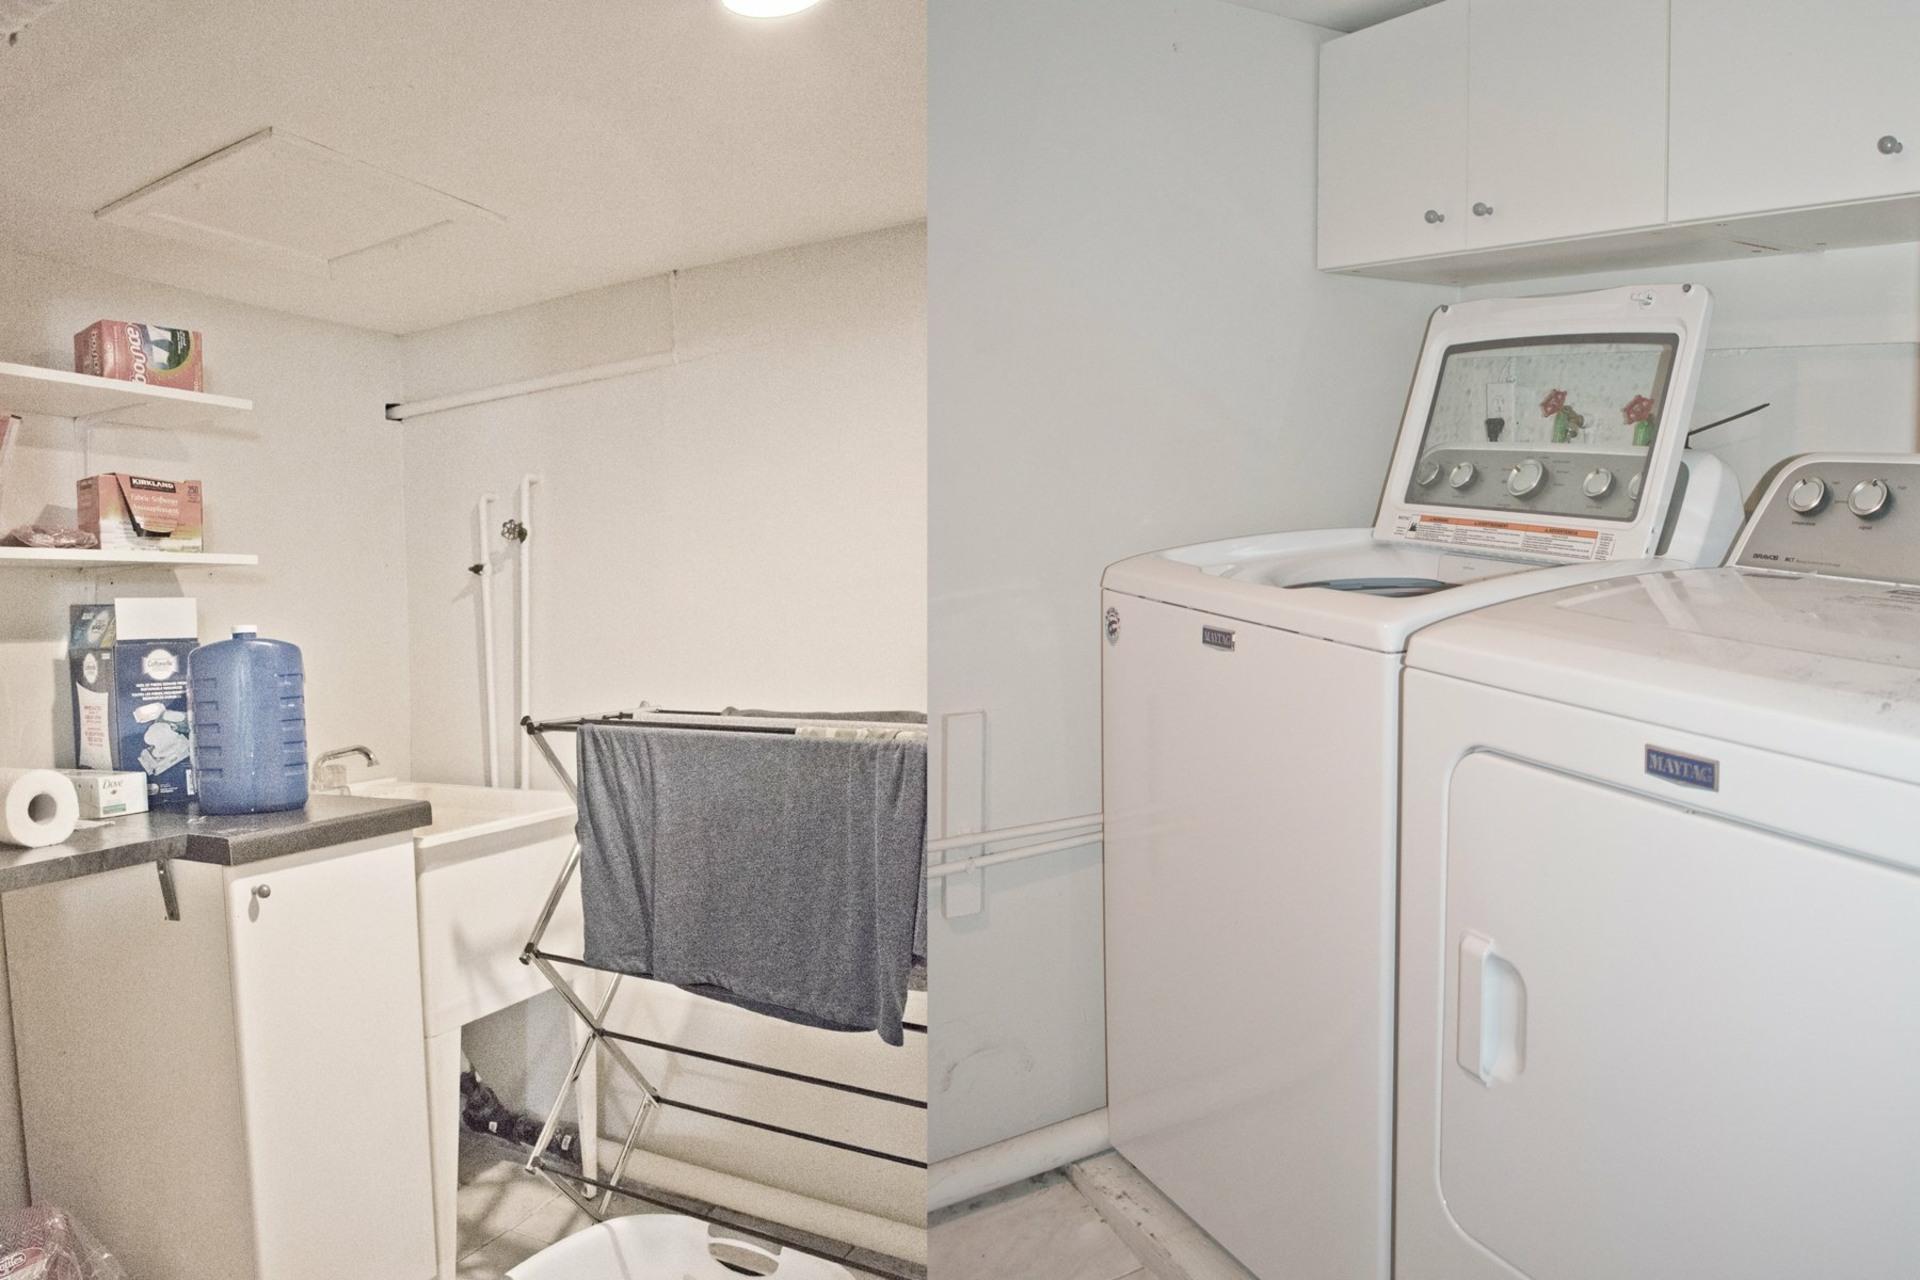 image 21 - Appartement À louer Côte-des-Neiges/Notre-Dame-de-Grâce Montréal  - 11 pièces